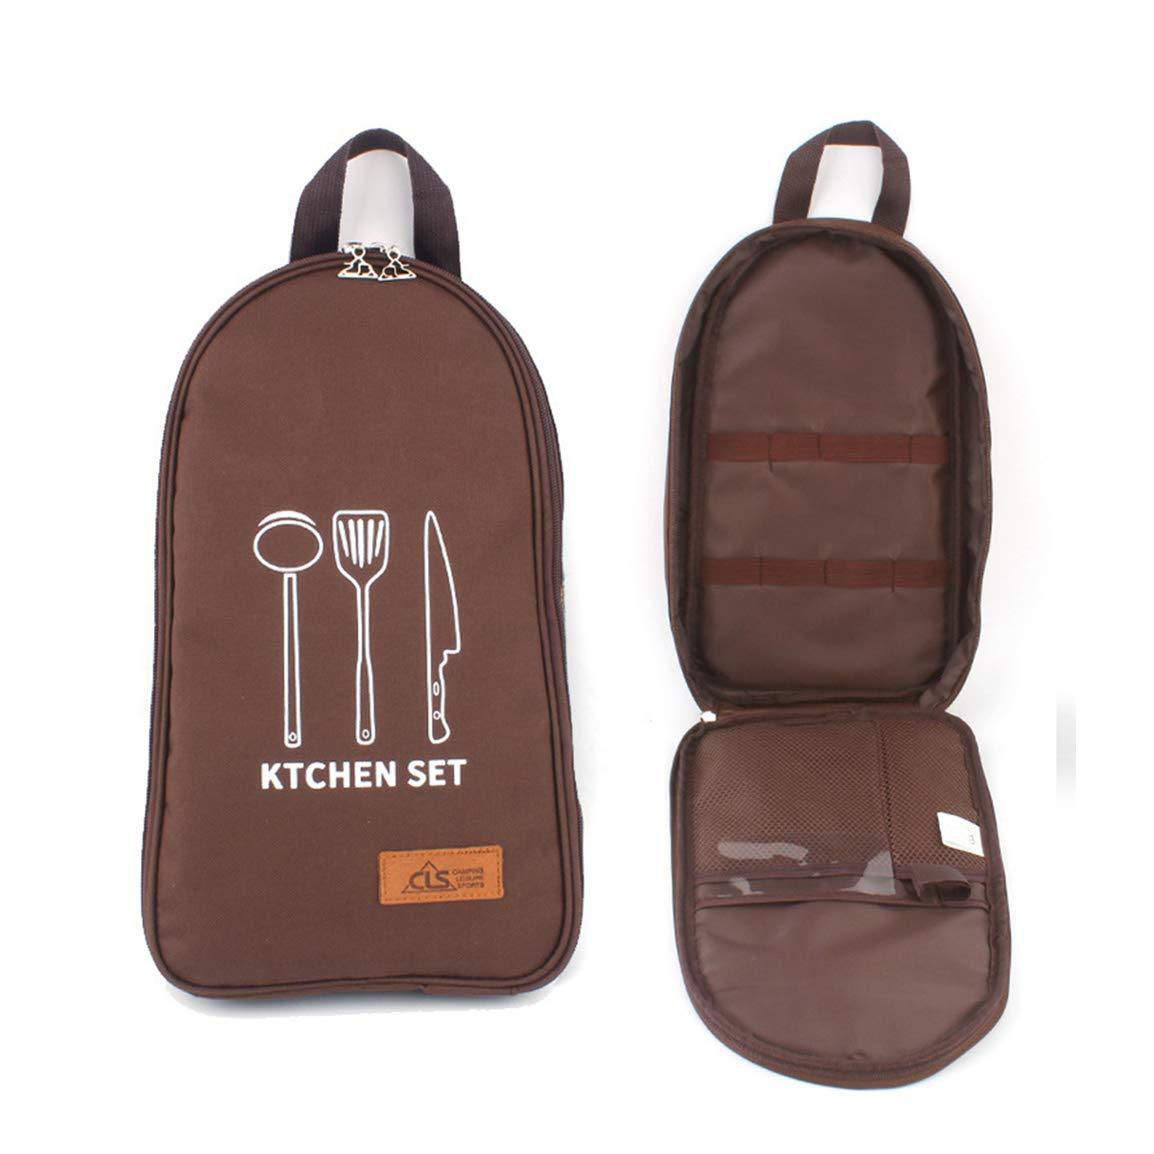 Eohak Cooking Utensils Travel Bag Camp, Portable Camping Kitchen Utensils Organizer (Brown) by Eohak